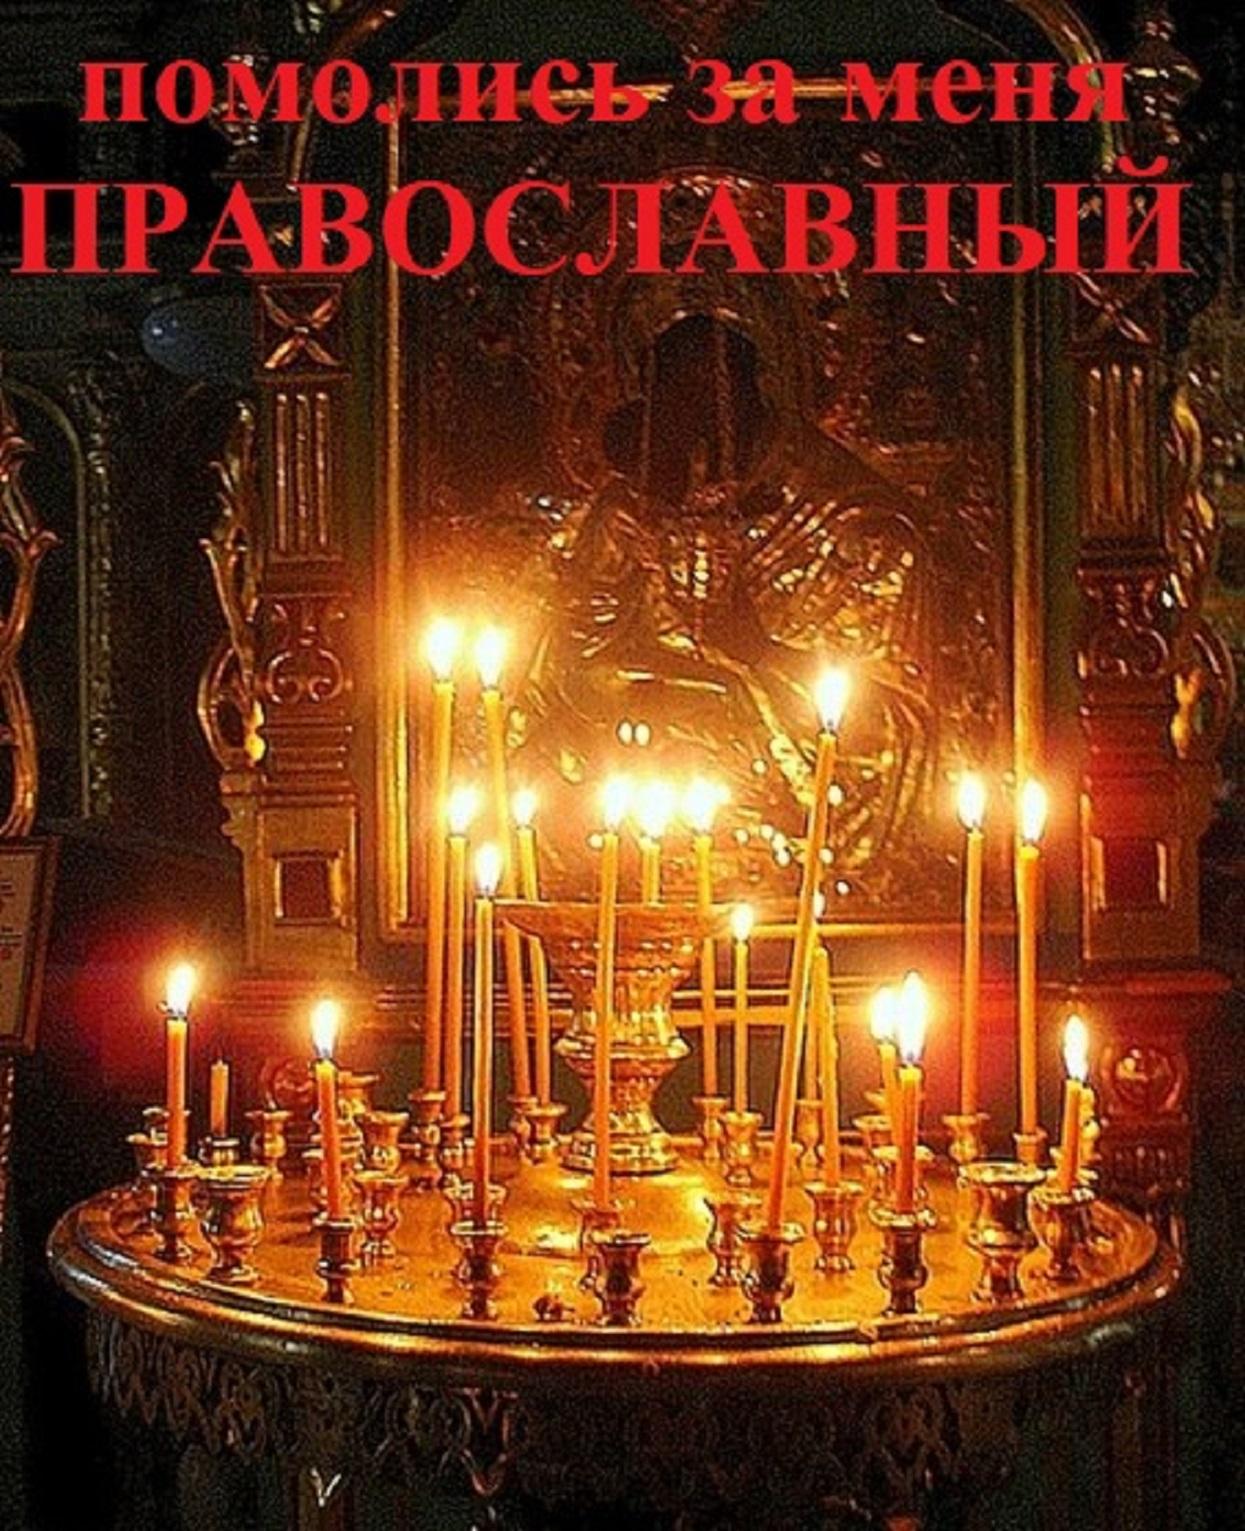 Стихи Помолись, помолись за меня православный... - Дом Солнца Запутался в Мыслях